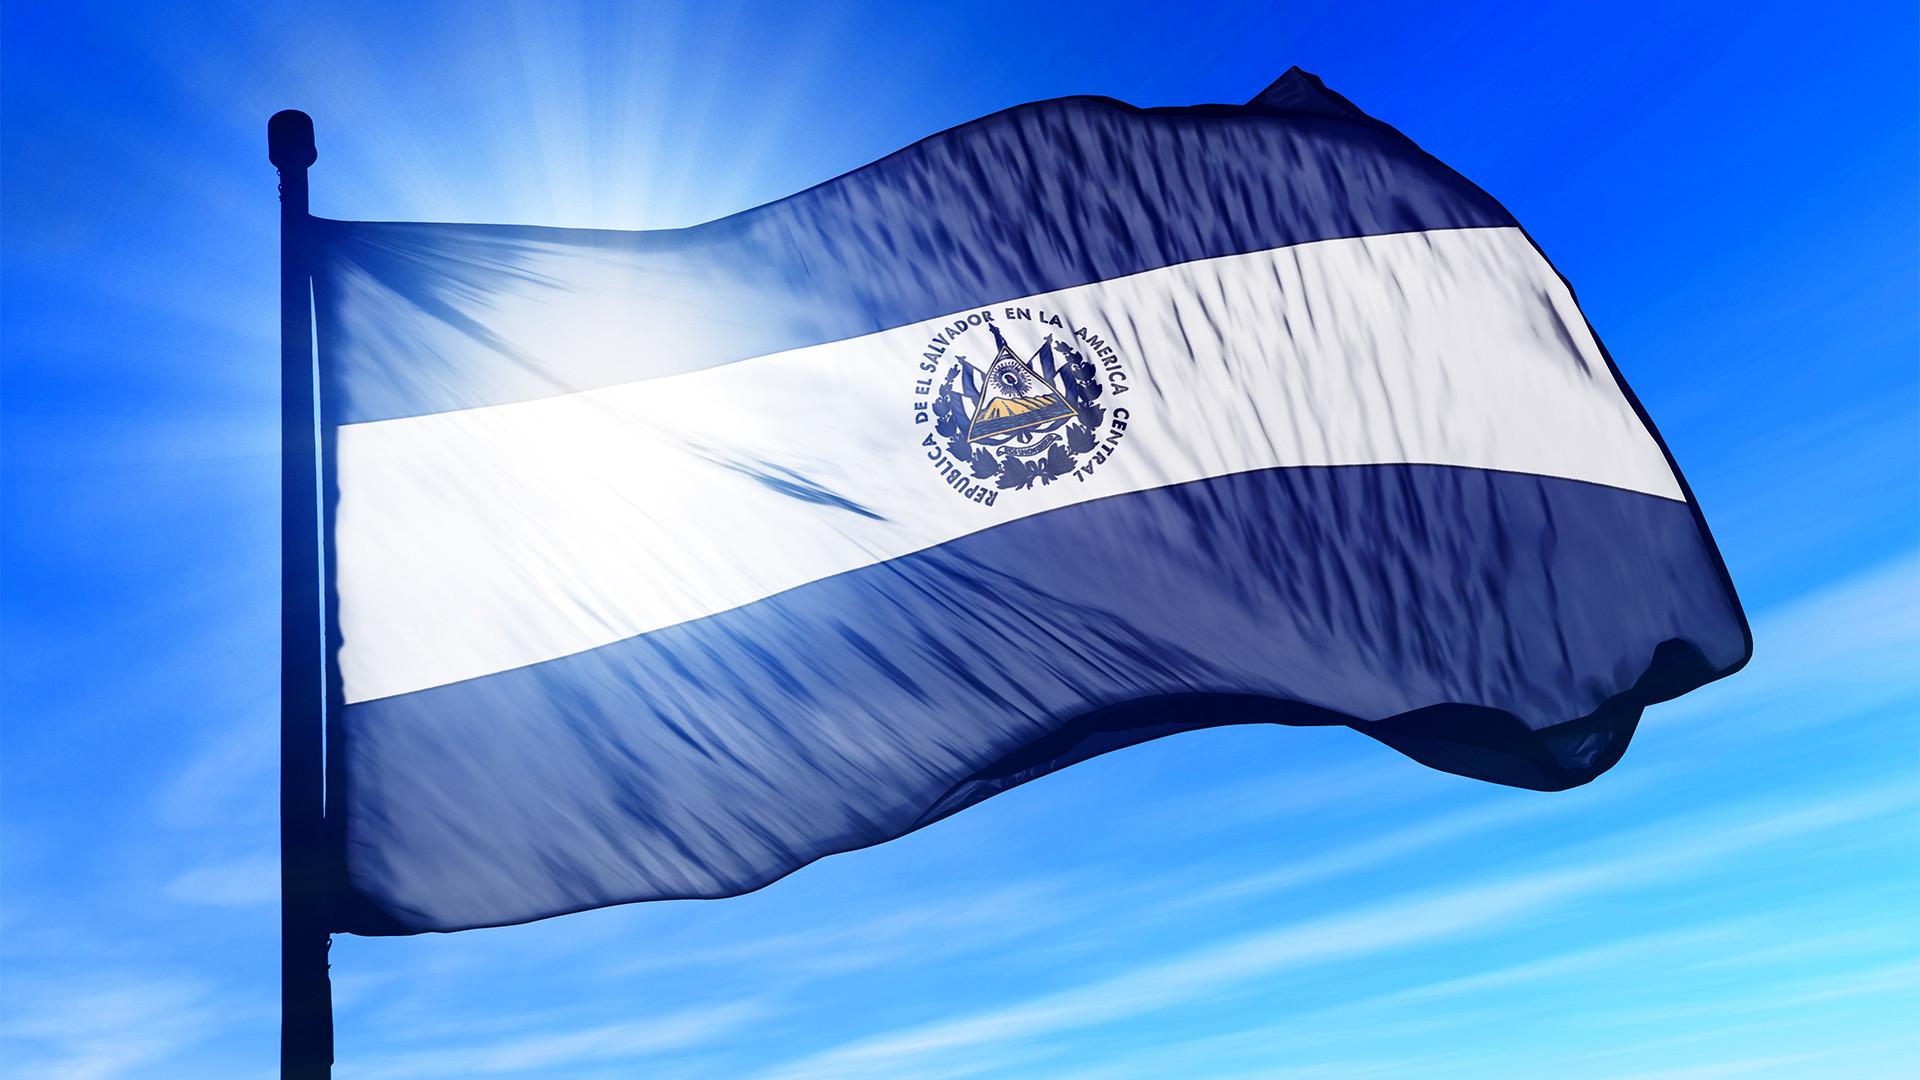 Bandera De El Salvador Wallpaper Wallpapertag